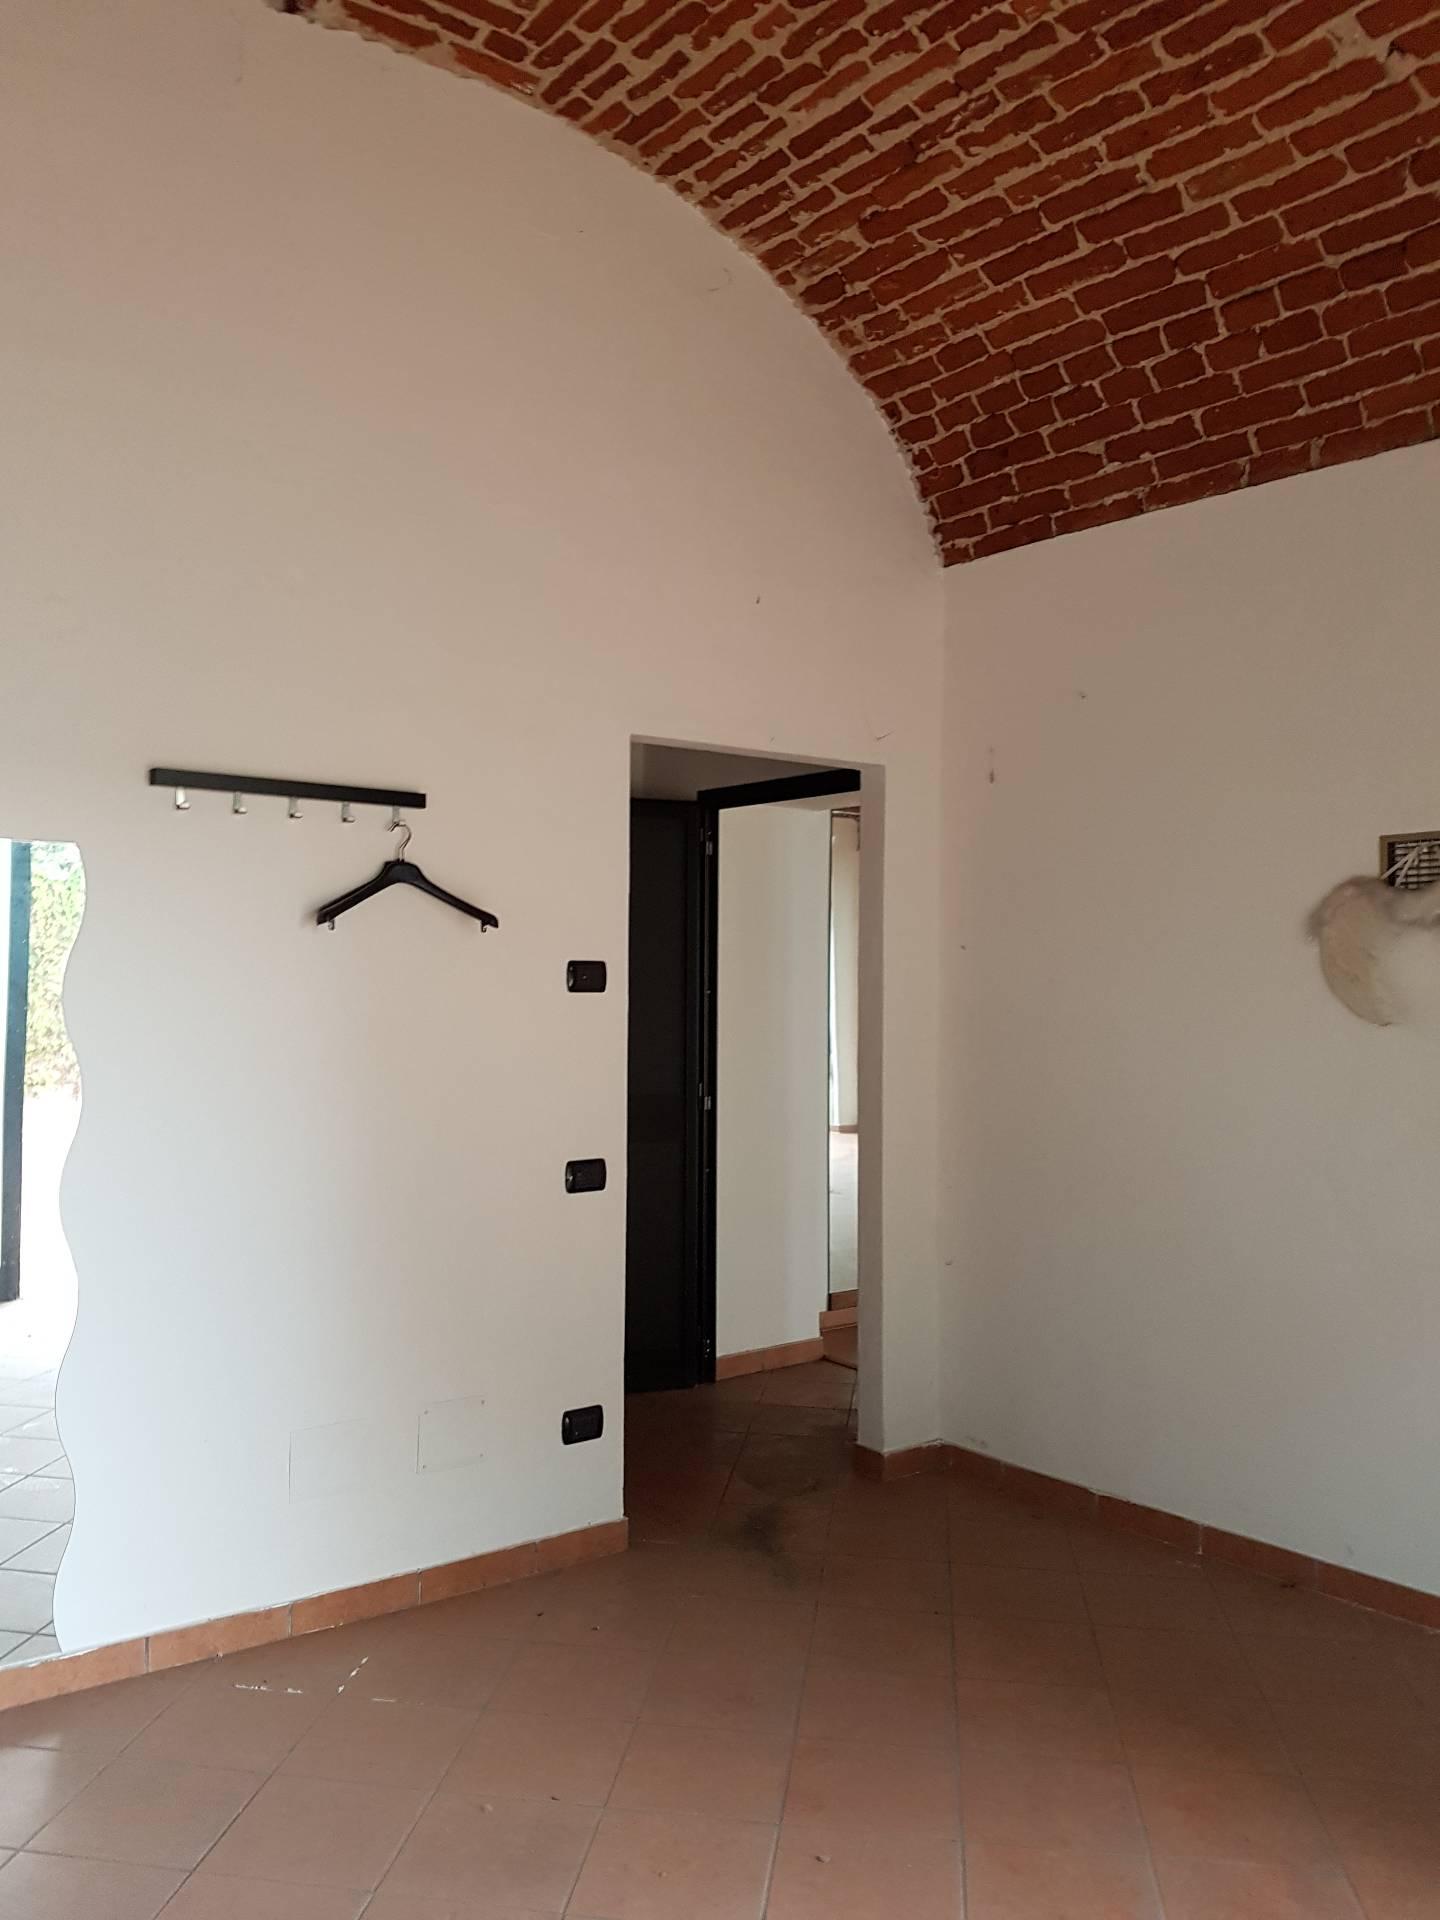 Negozio / Locale in vendita a Vercelli, 9999 locali, zona Zona: Periferia, prezzo € 59.000 | Cambio Casa.it